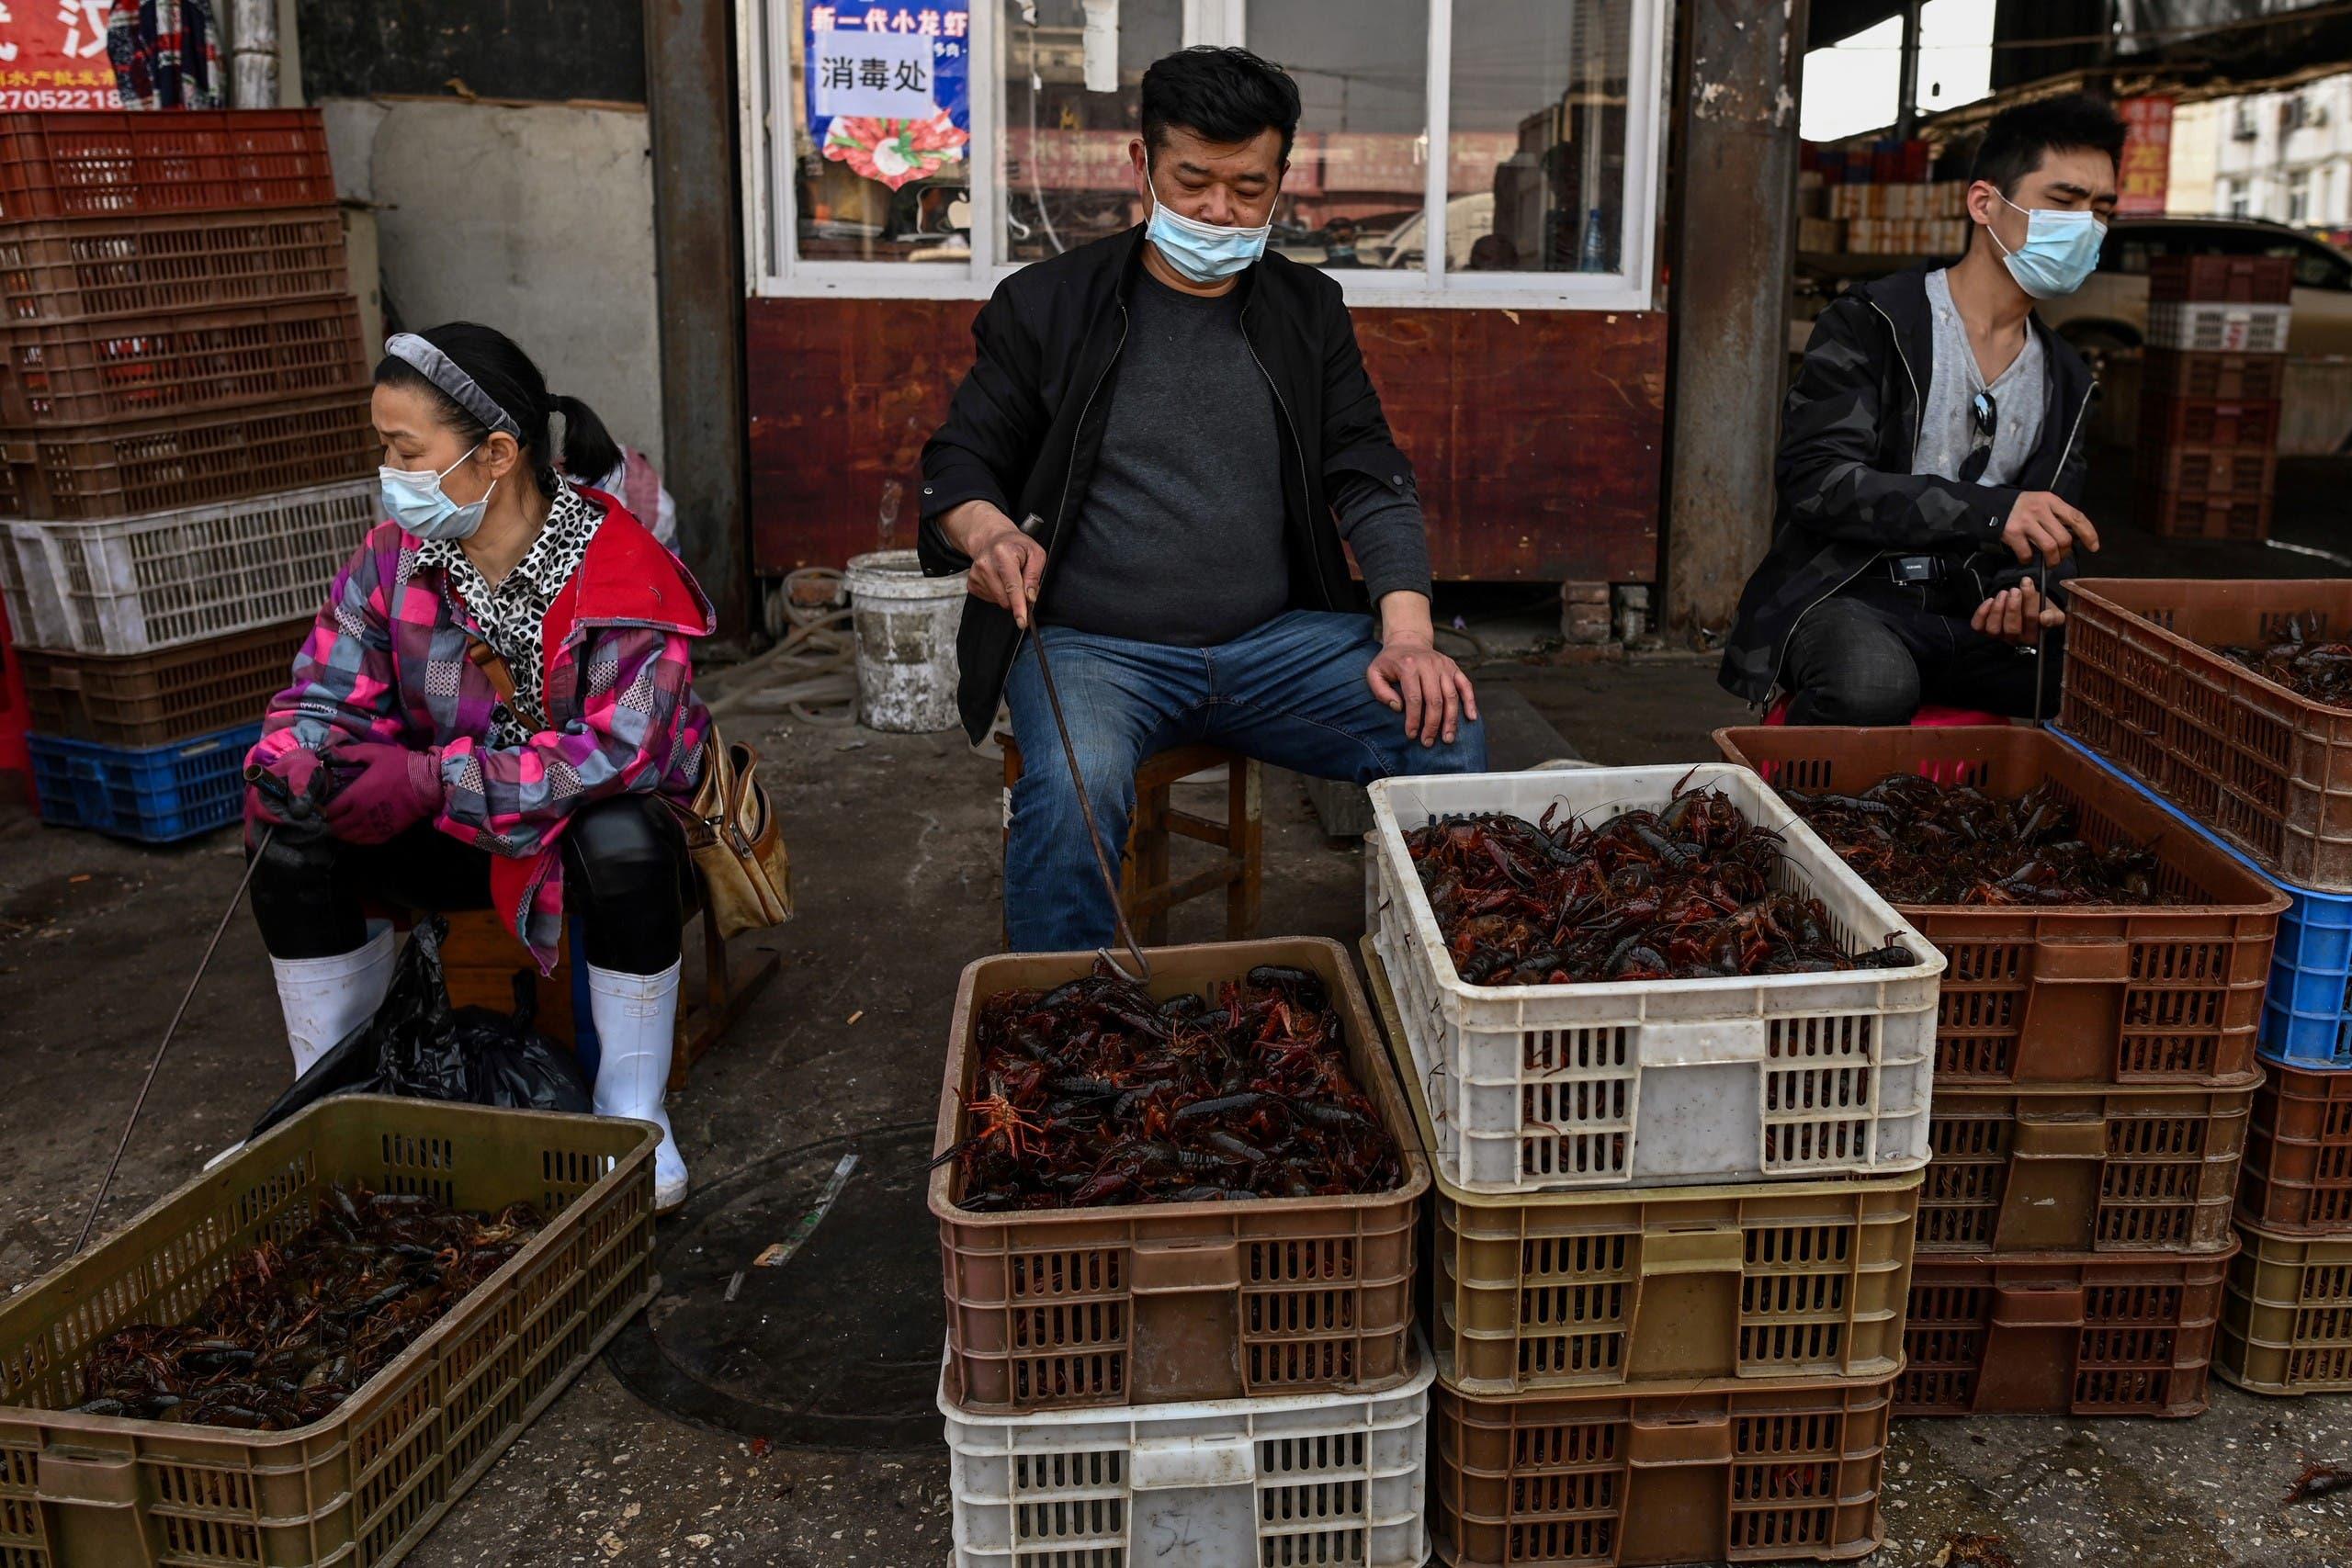 أحد الأسواق الشعبية في ووهان (أرشيفية- فرانس برس)